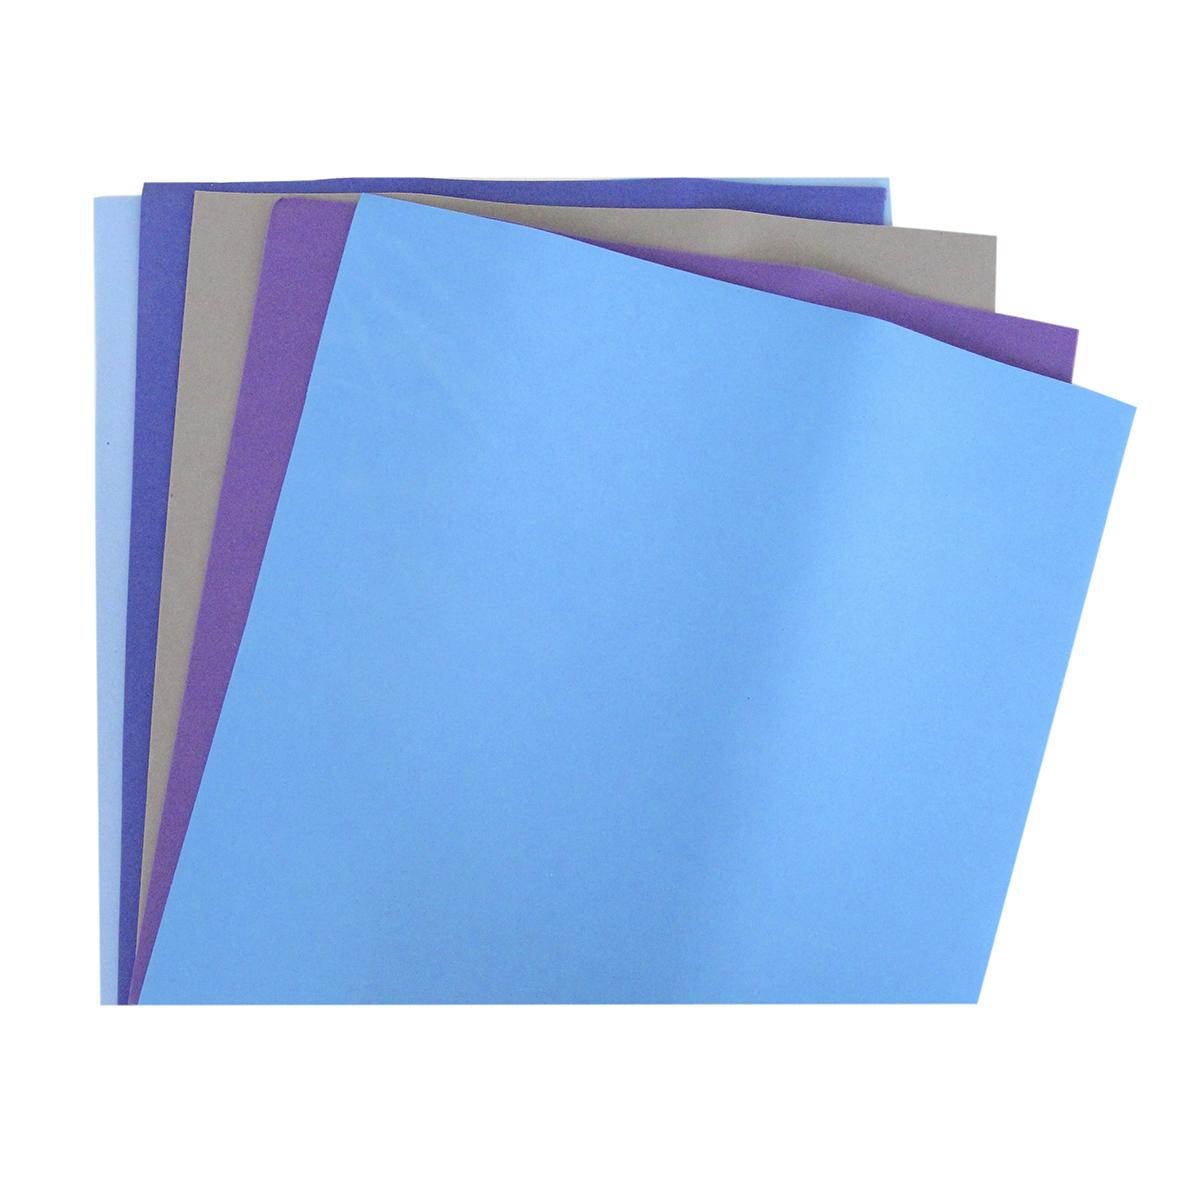 Фоамиран Астра, цвет: серо-синий, 25 х 25 см, 5 шт583540_ф-0001 серо-синийФоамиран Астра - это пластичная замша, ее можно применить для создания разнообразного вида декора: открытки, магнитики, цветы, забавные игрушки и т.д. Главная особенность материала фоамиран заключается в его способности к незначительному растяжению, которого вполне достаточно для «запоминания» изделием своей формы. На ощупь мягкая синтетическая замша очень приятна и податлива, поэтому работать с ней не составит труда даже начинающему. Размер ткани: 250 x 250 мм. В упаковке 5 штук.